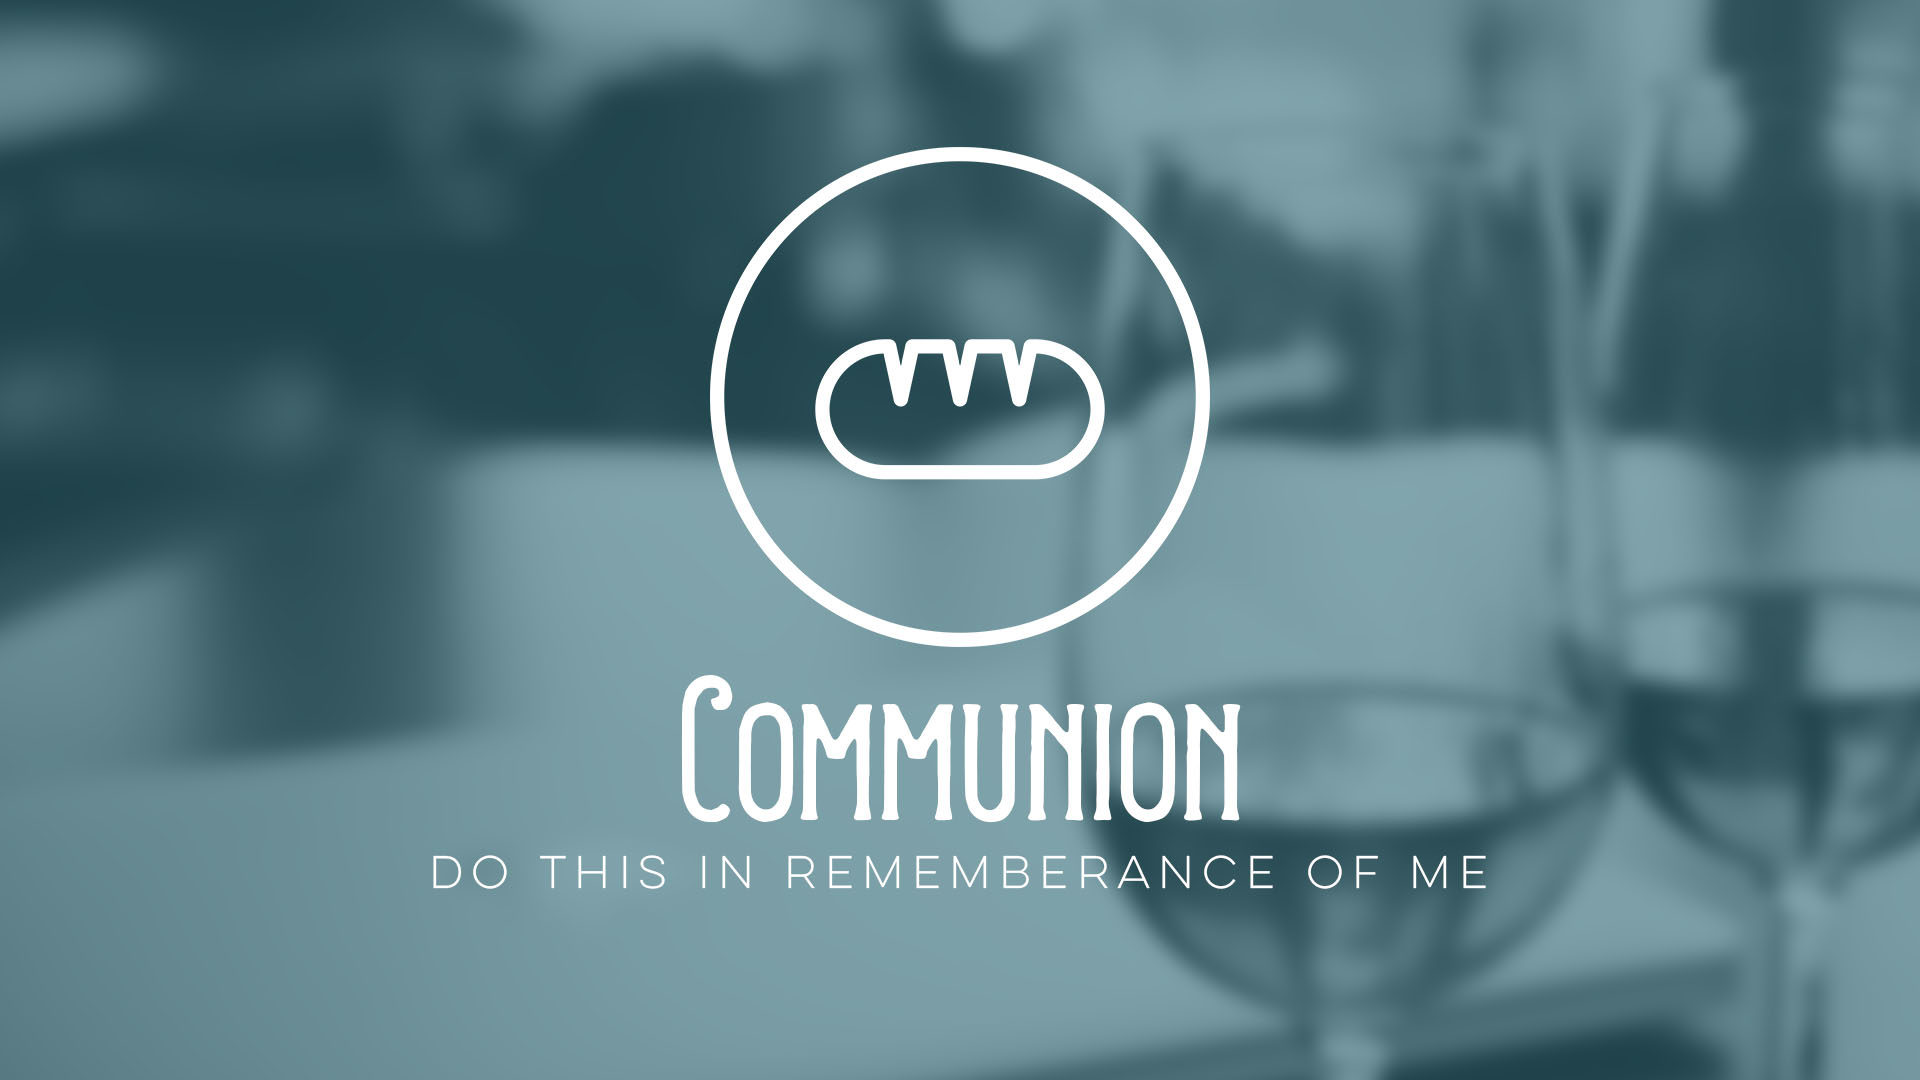 Icon photo example 1